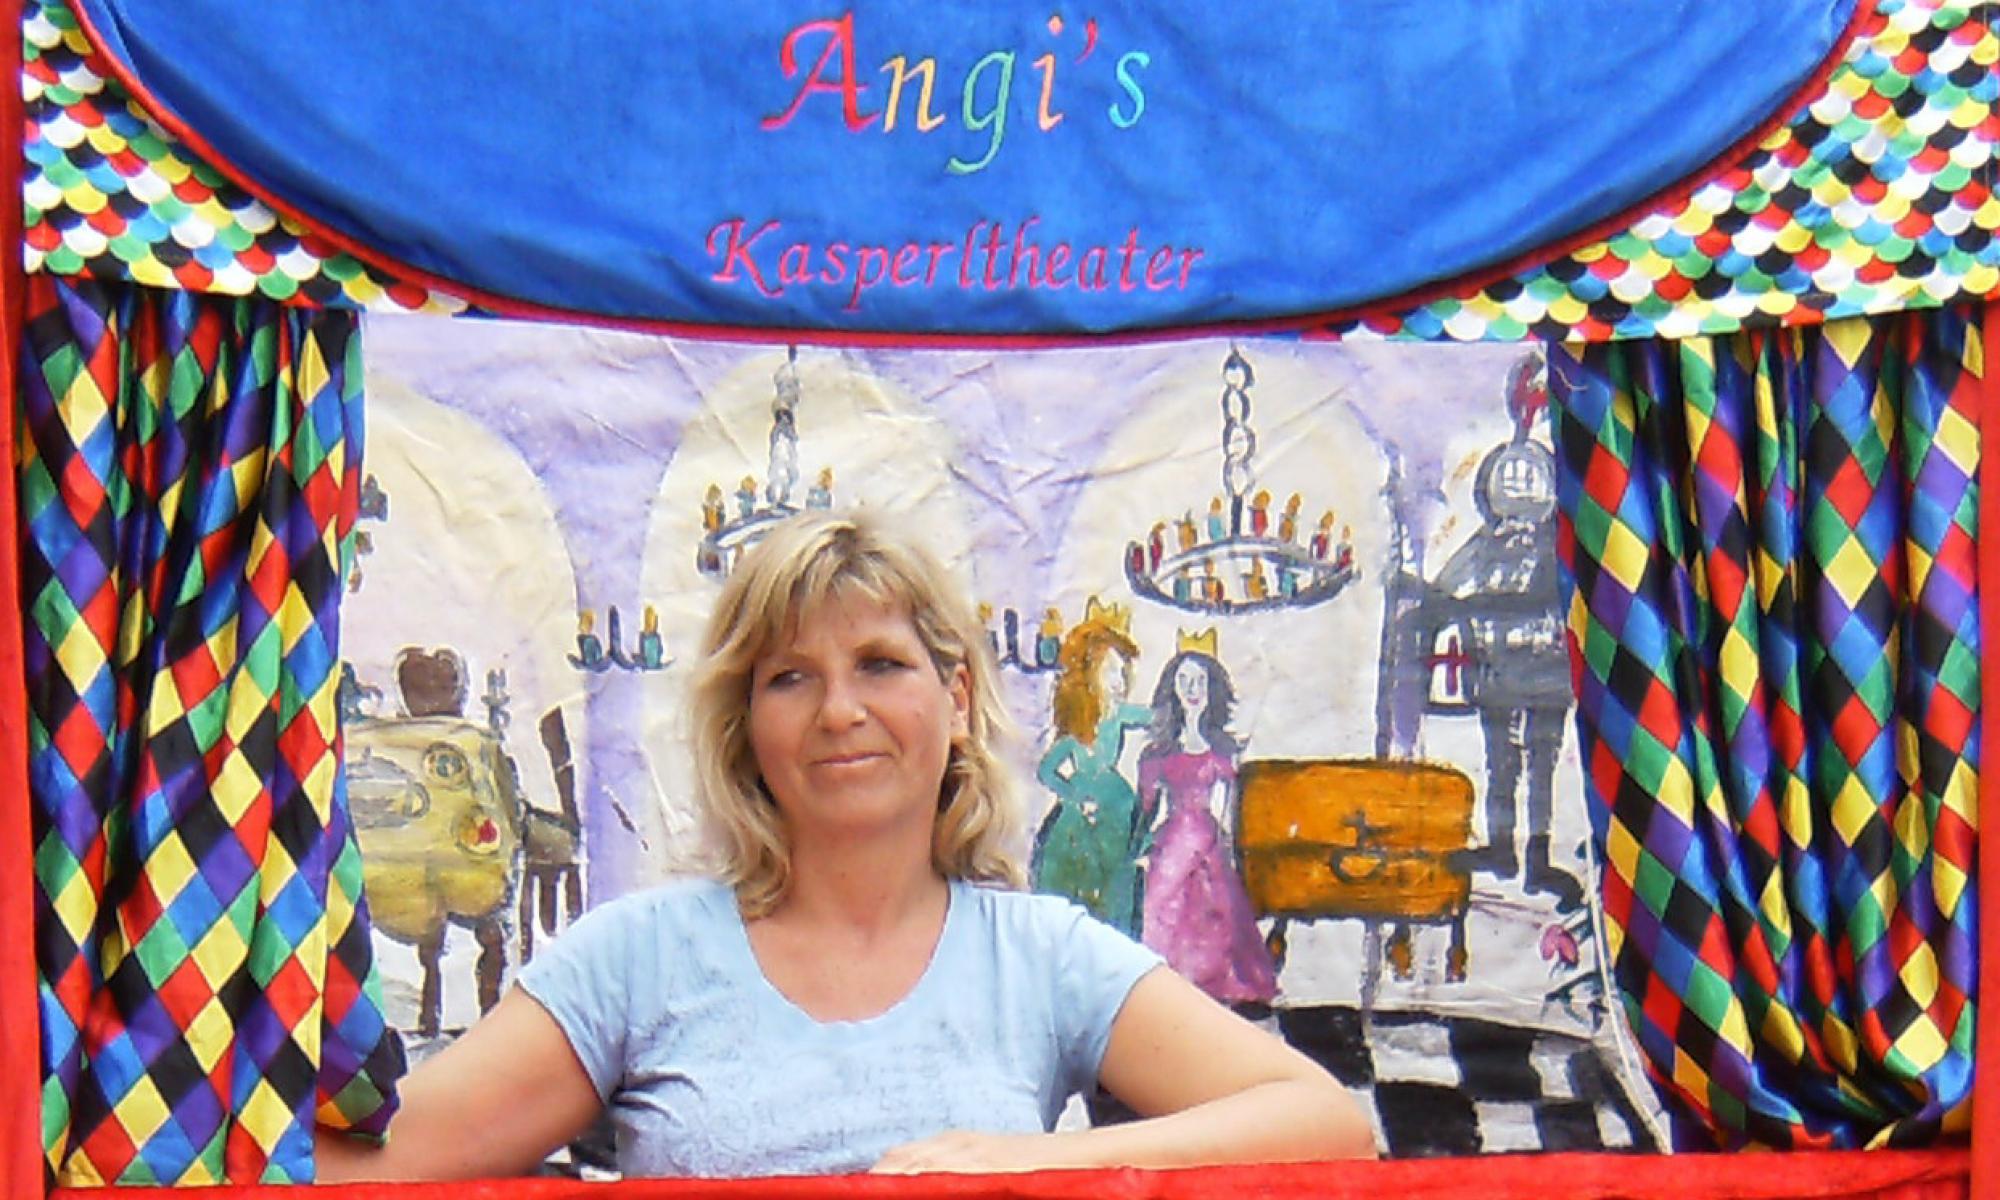 Angi's Kasperltheater